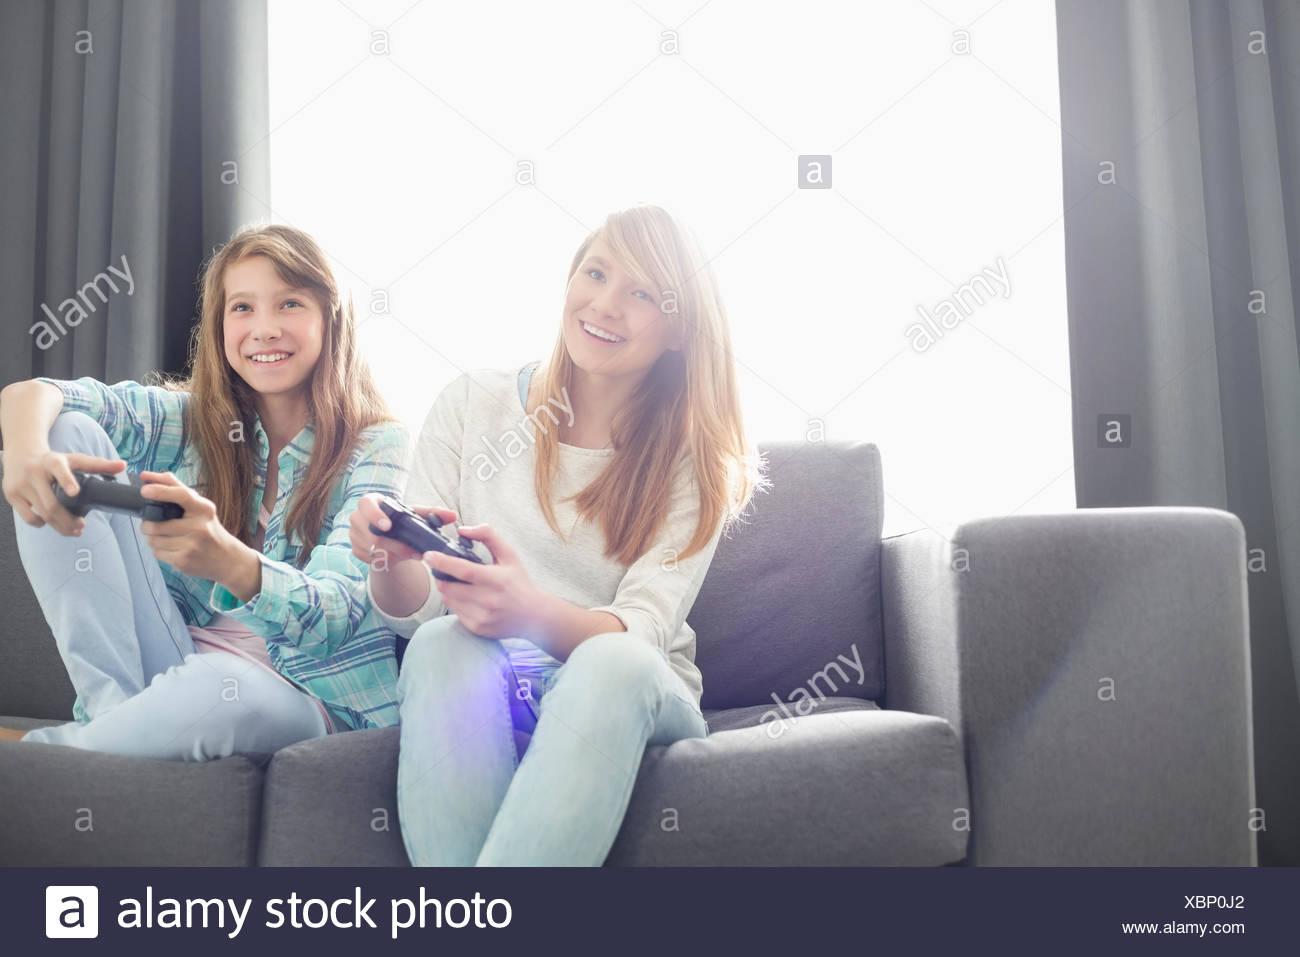 Hermanas jugar video juegos en el sofá Imagen De Stock